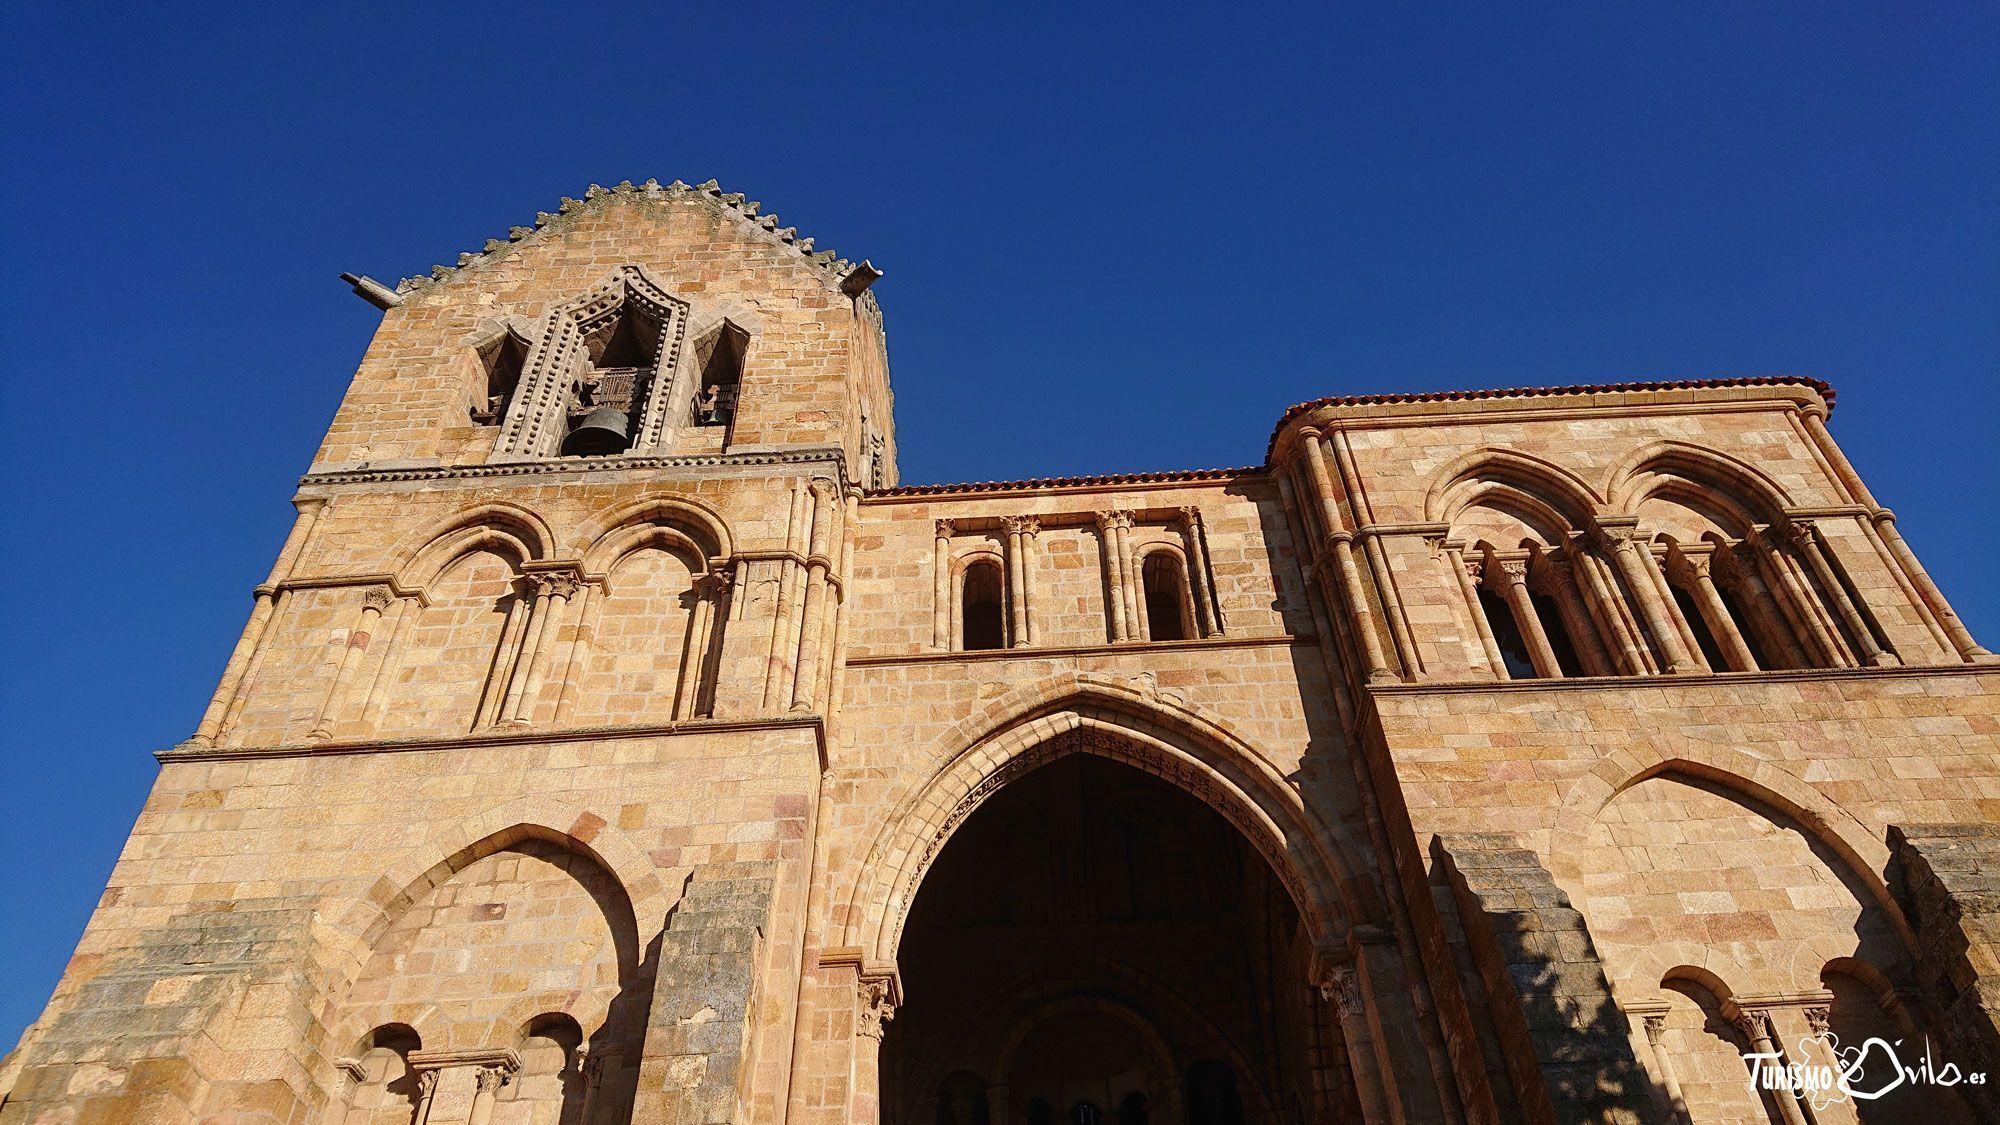 Qué ver en Ávila: Basílica de San Vicente, uno de los monumentos de arte románico por excelencia